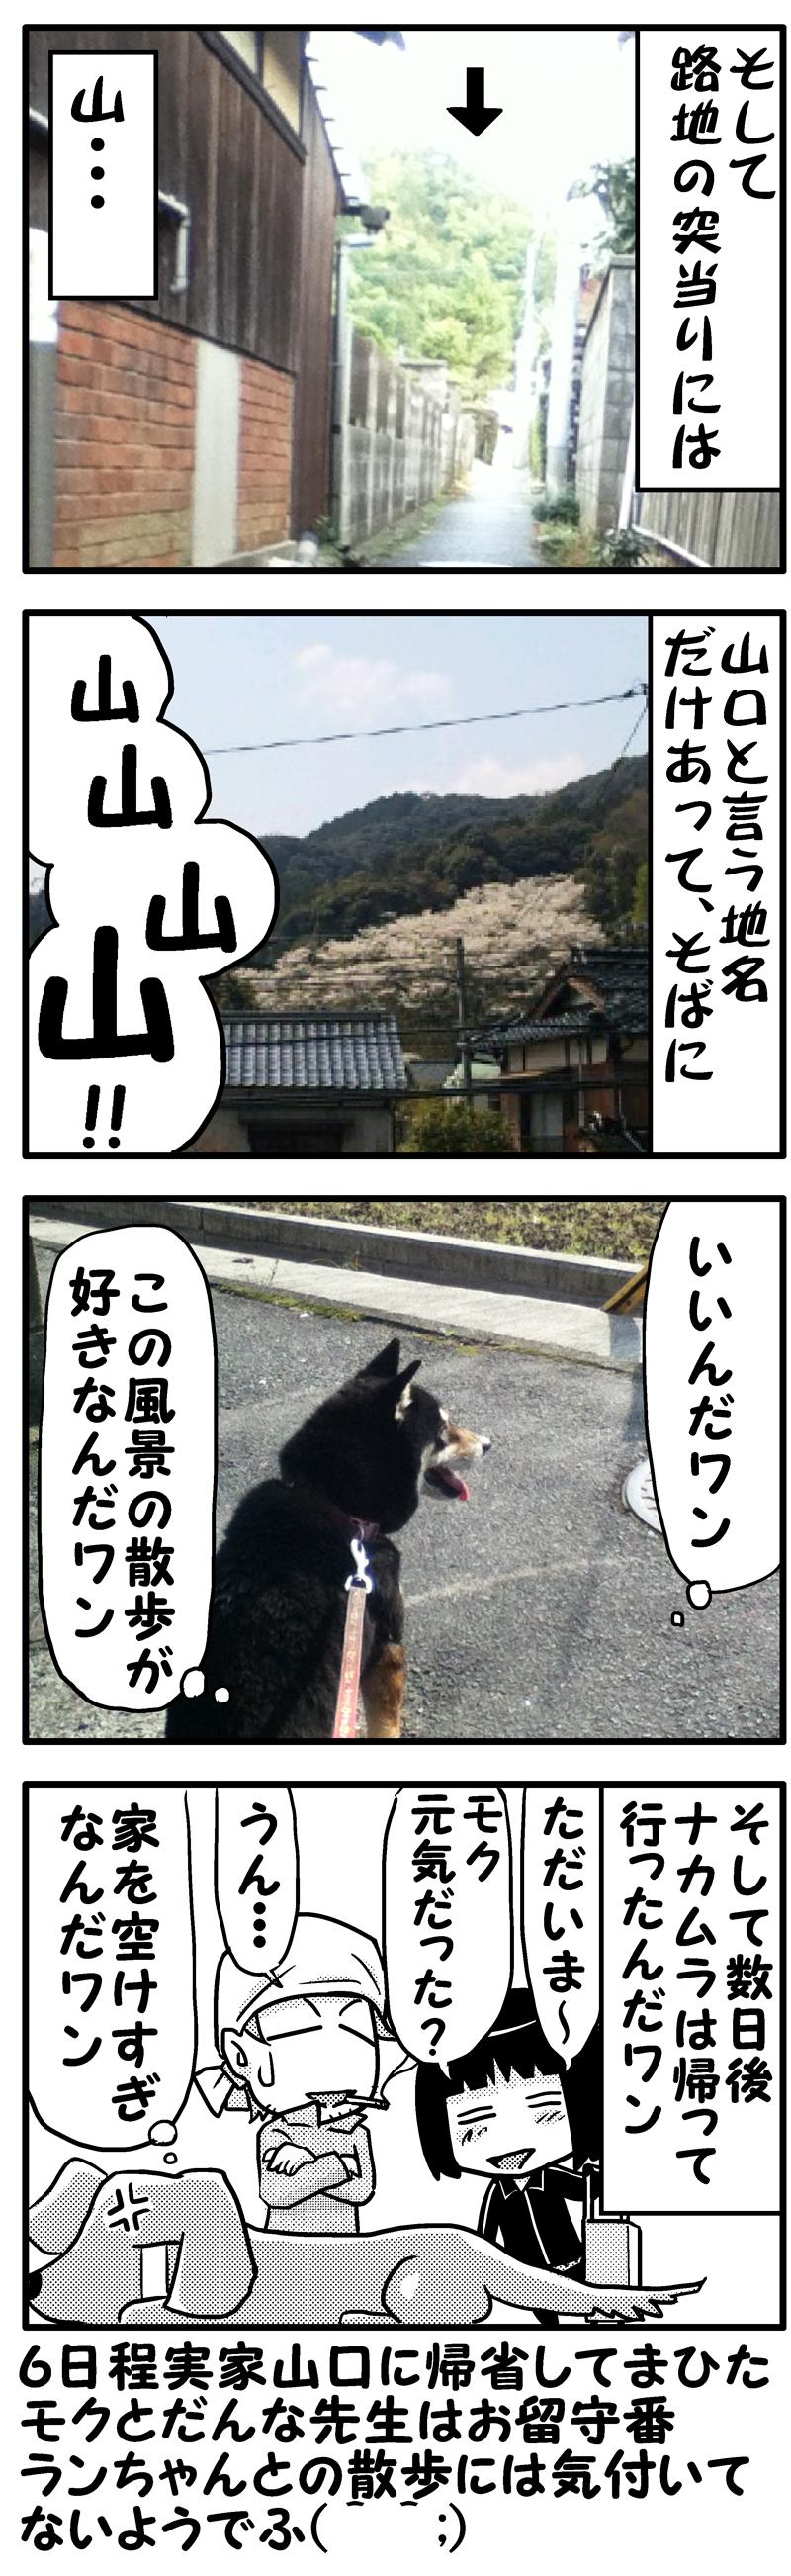 ランちゃんと山口散歩(後)